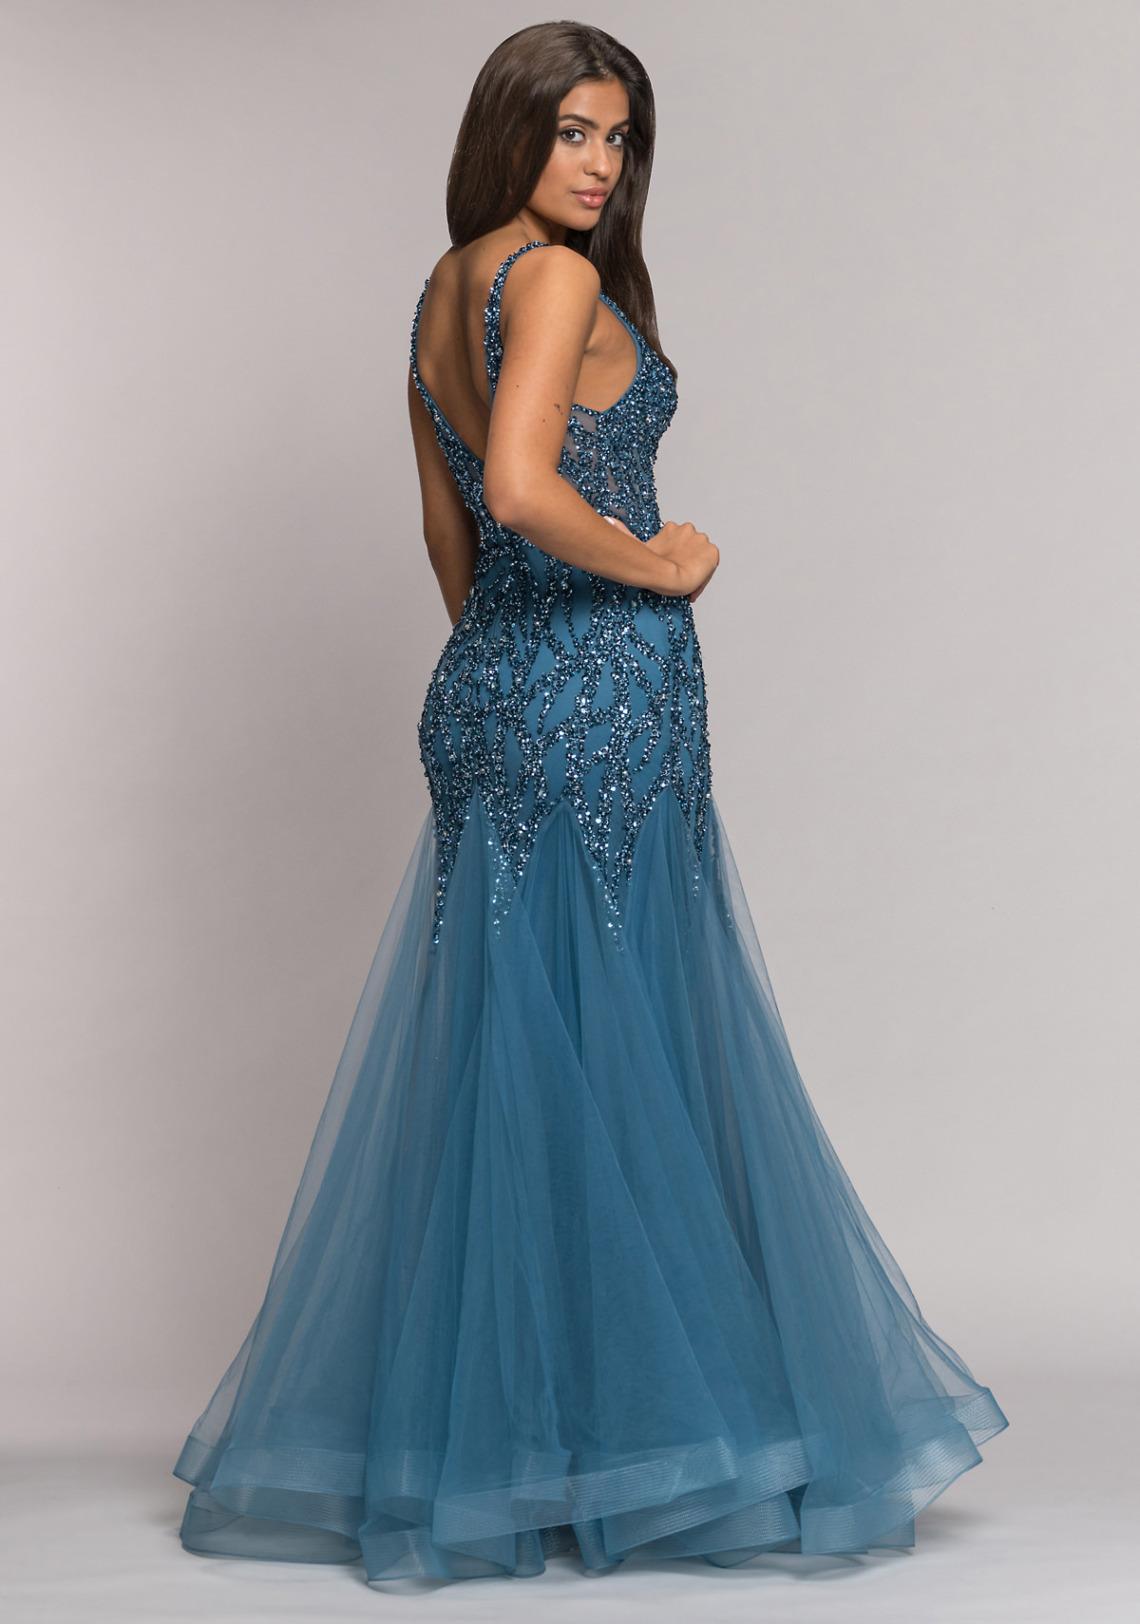 Abiball Abendkleider Ballkleider lang schön ausgefallen V Ausschnitt glitzer jung Tüll Rock Koehlert Modell ice blue seitlich